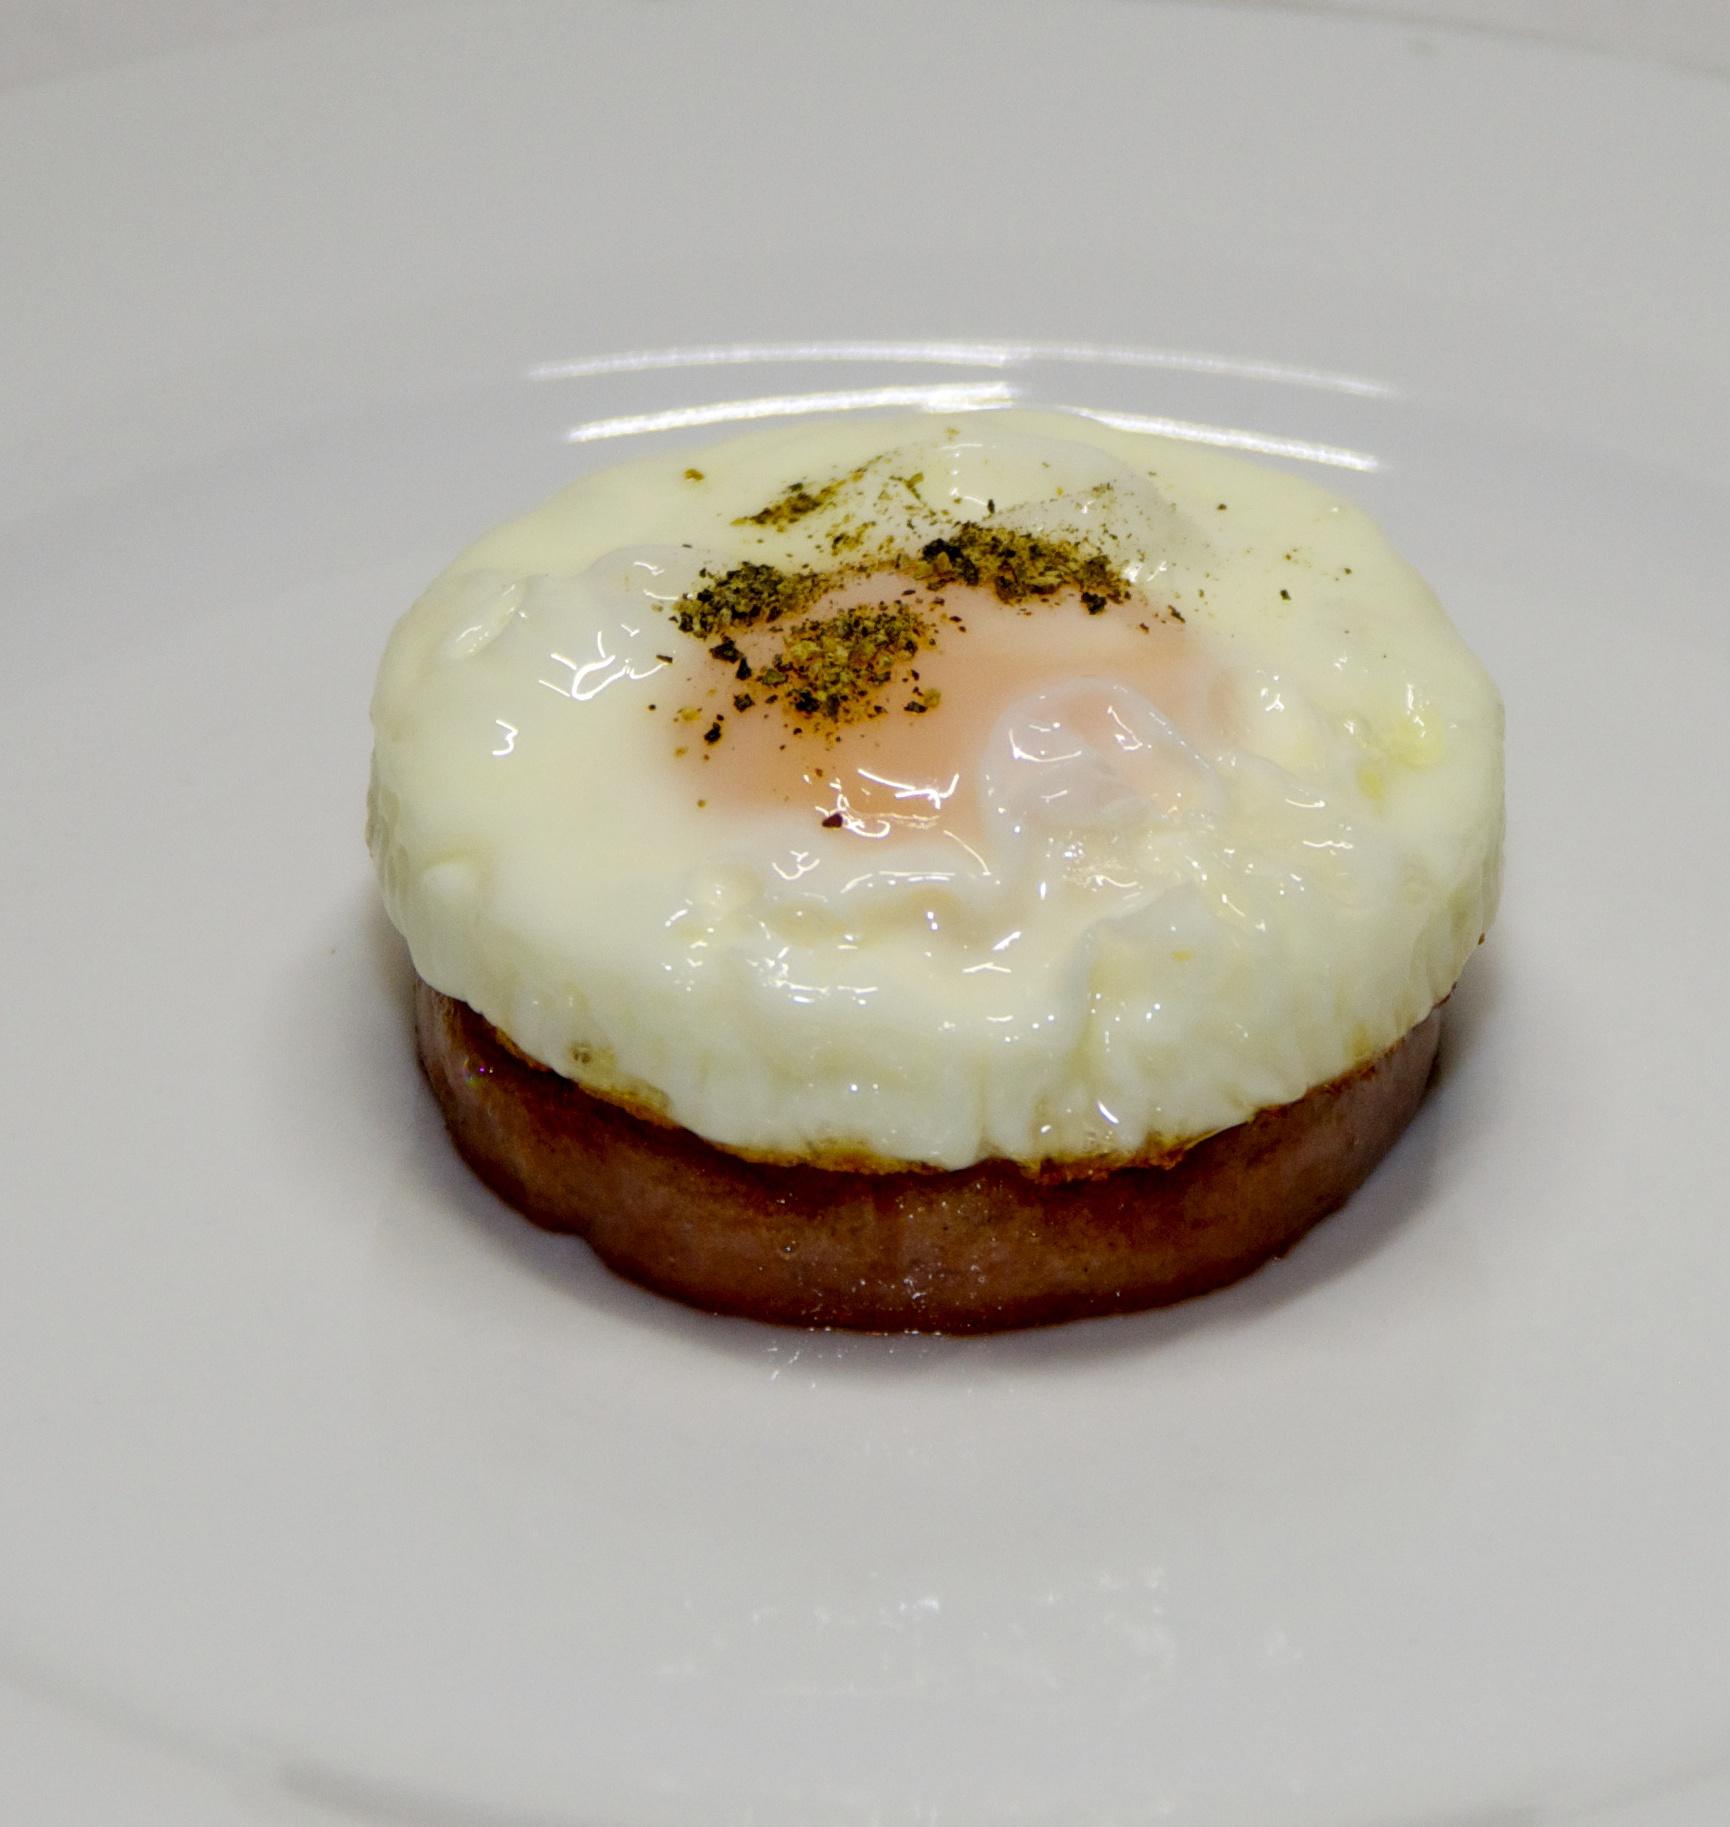 Fried egg sausage stack - Version 2